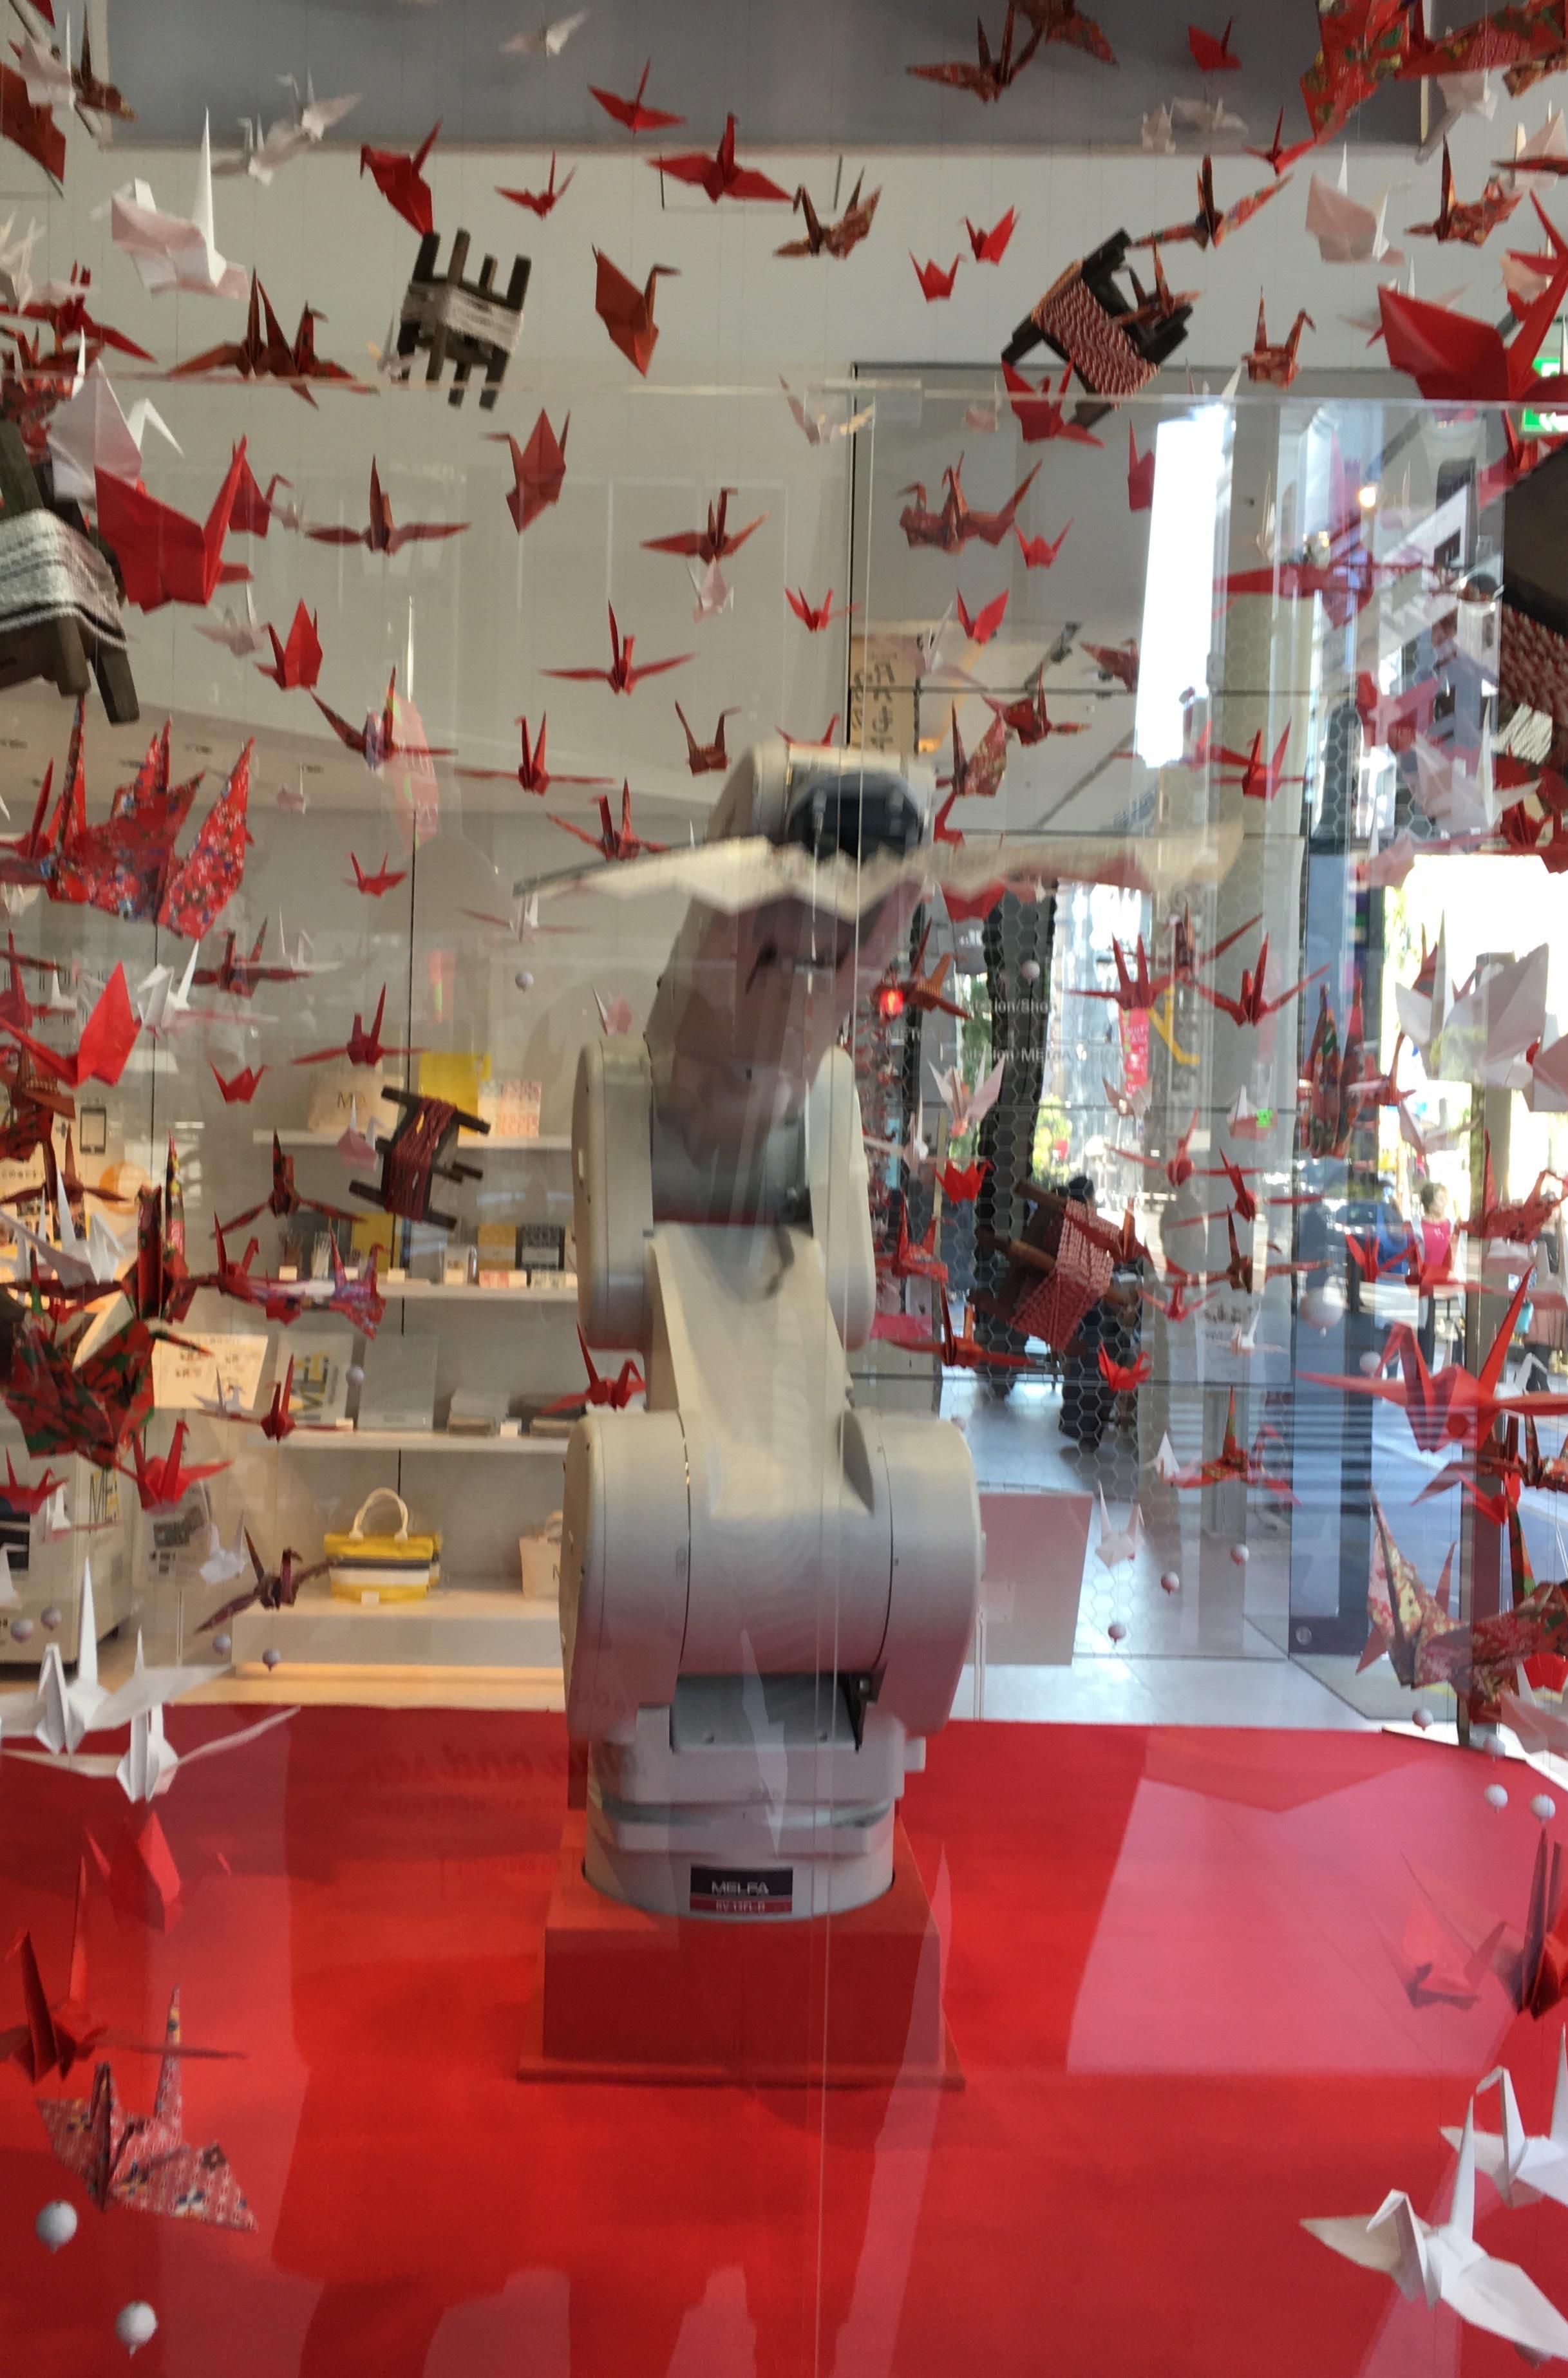 銀座で楽しむ芸術の秋 「ものづくりロボットと創るアートな世界」_1_1